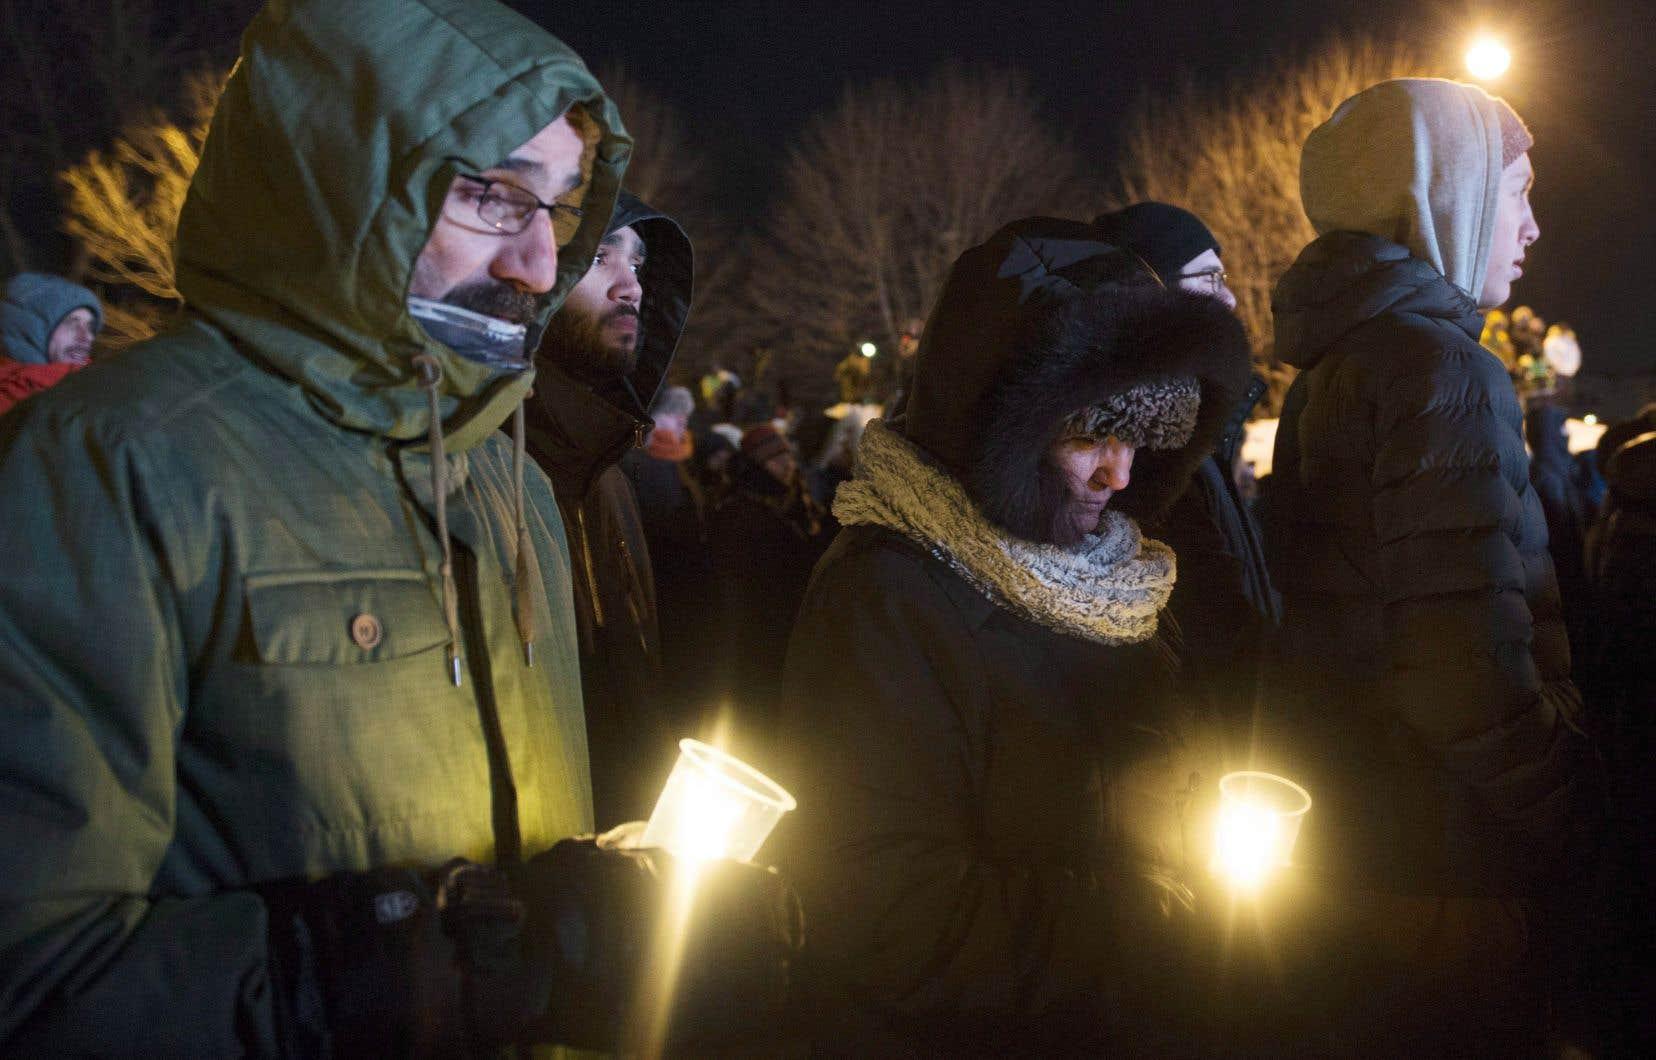 Des centaines des personnes ont bravé le froid dans la Vieille Capitale lundi soir pour prendre part à une veillée en hommage aux victimes de l'attentat.